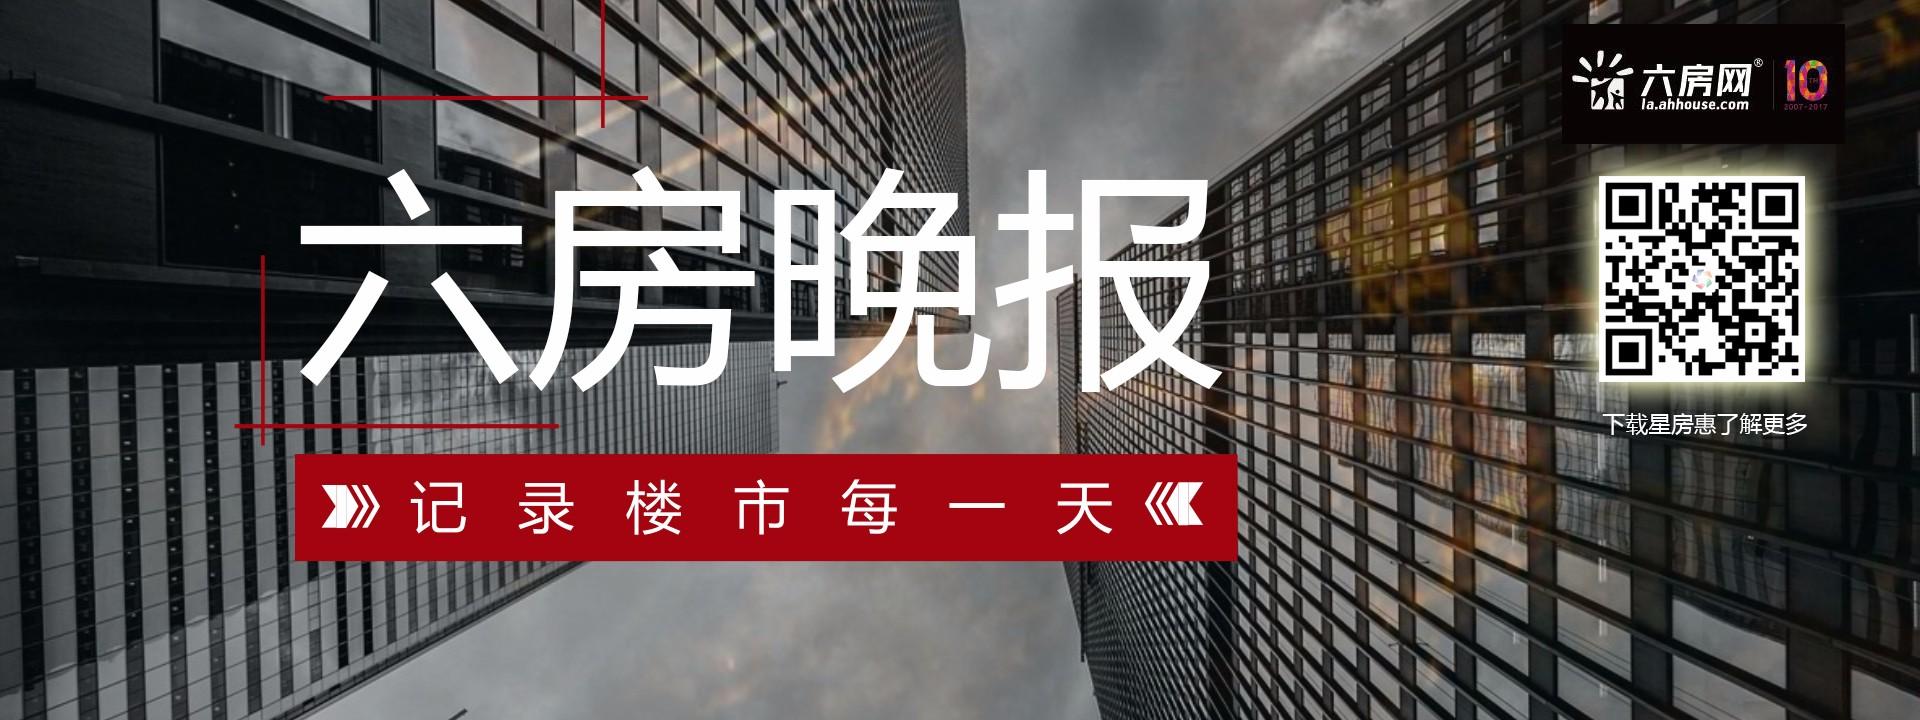 8月22日六房网晚报:六安城北将建立新学校